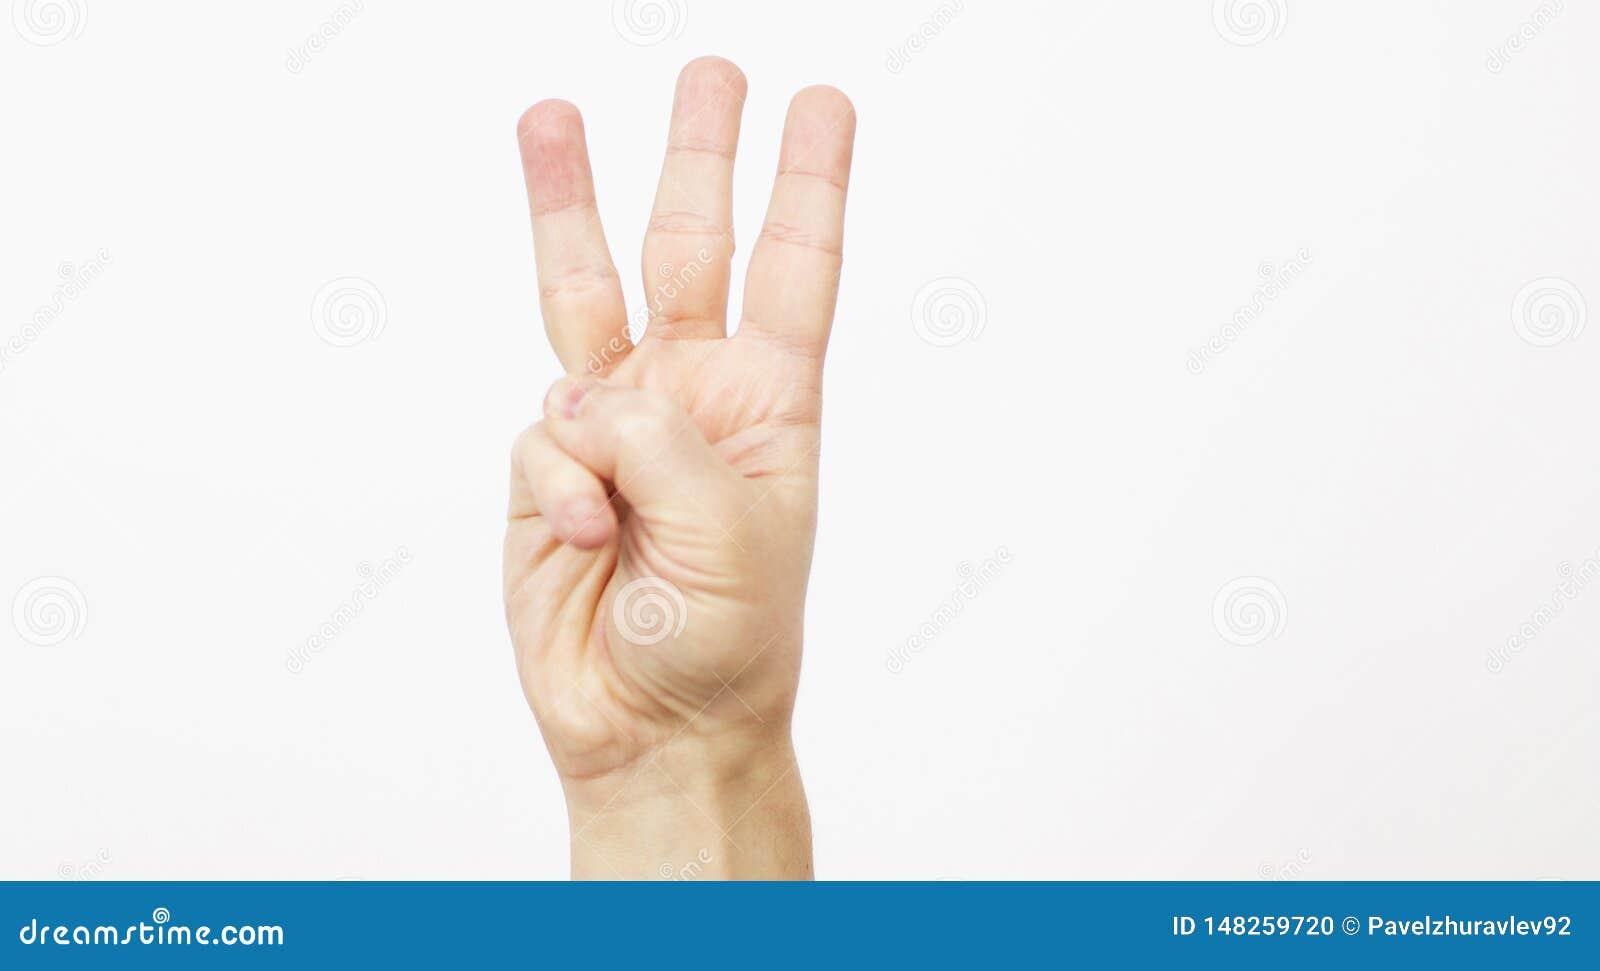 Vrouwenman de handen tonen aantal drie op een witte achtergrond Perfect beeld voor zaken Drie duimen De mannelijke hand is